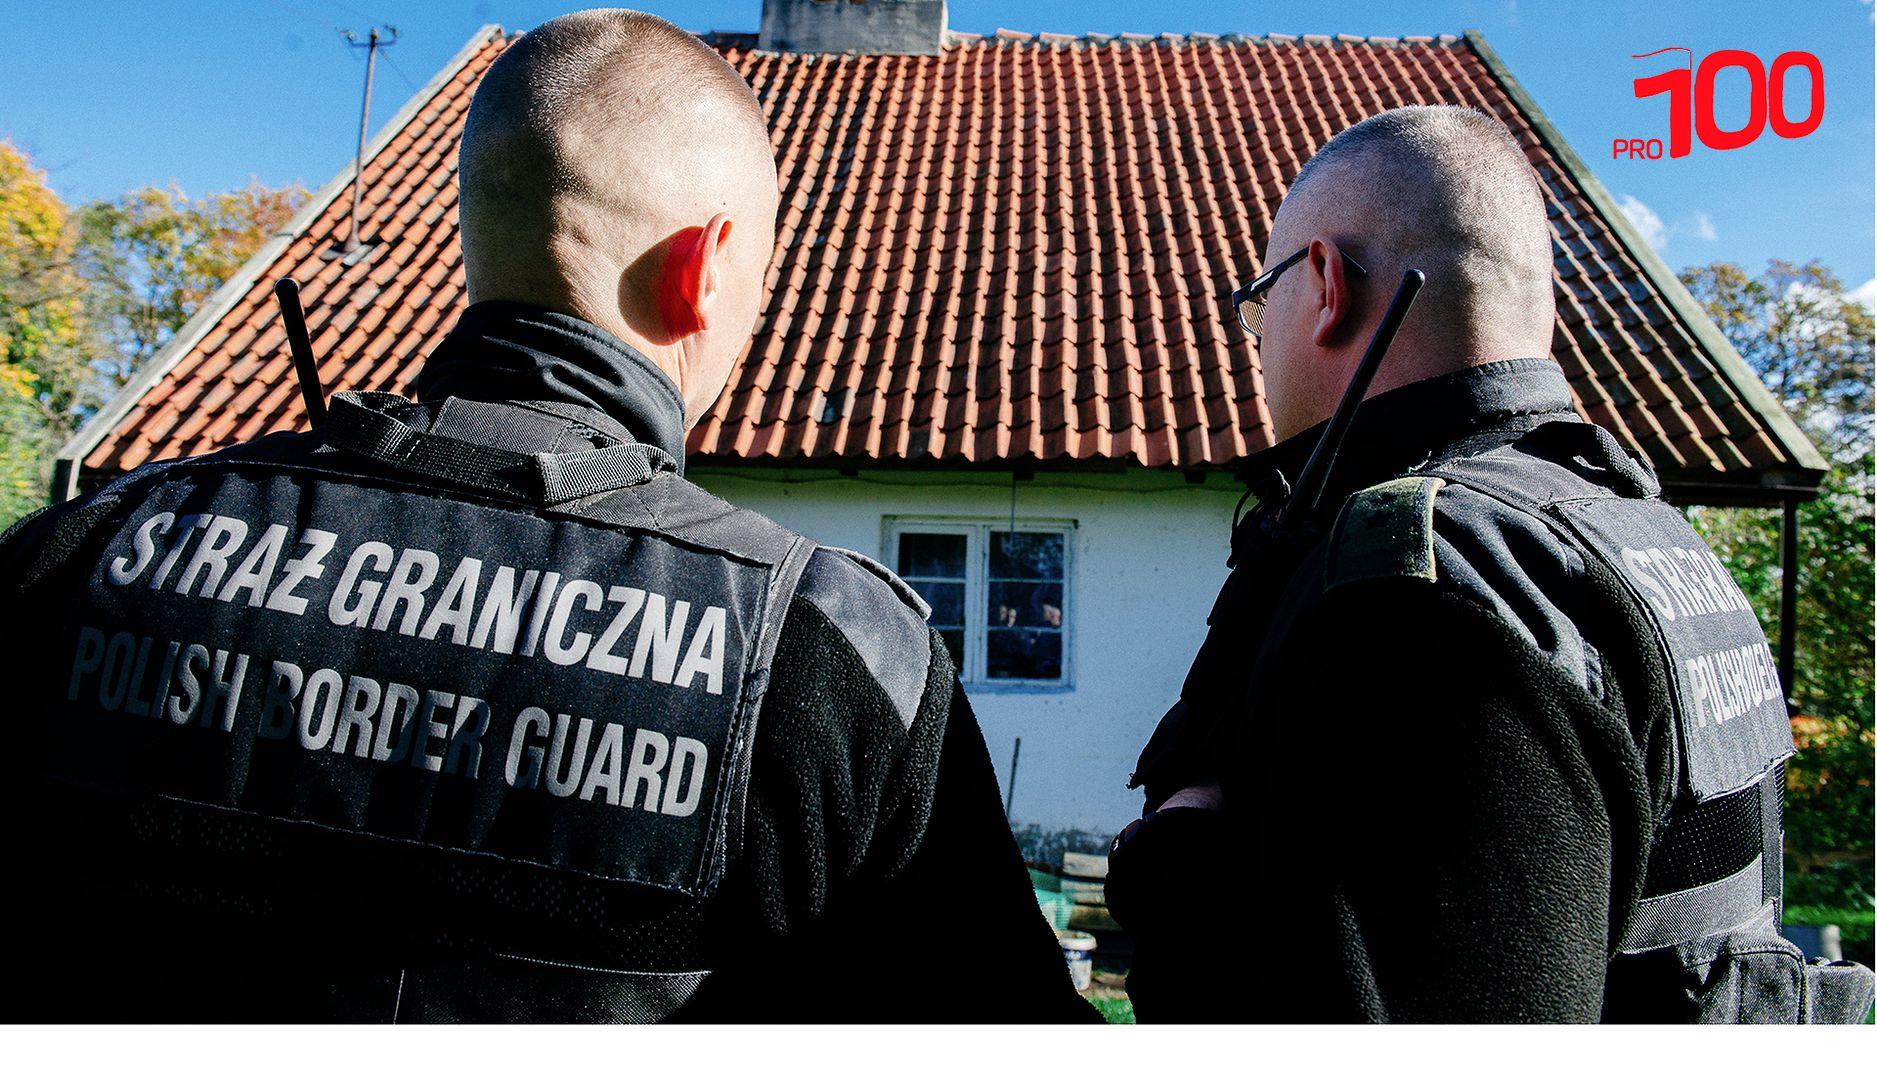 Wzruszająca akcja strażników granicznych. Wyremontowali seniorce dom, teraz mają kolejny pomysł